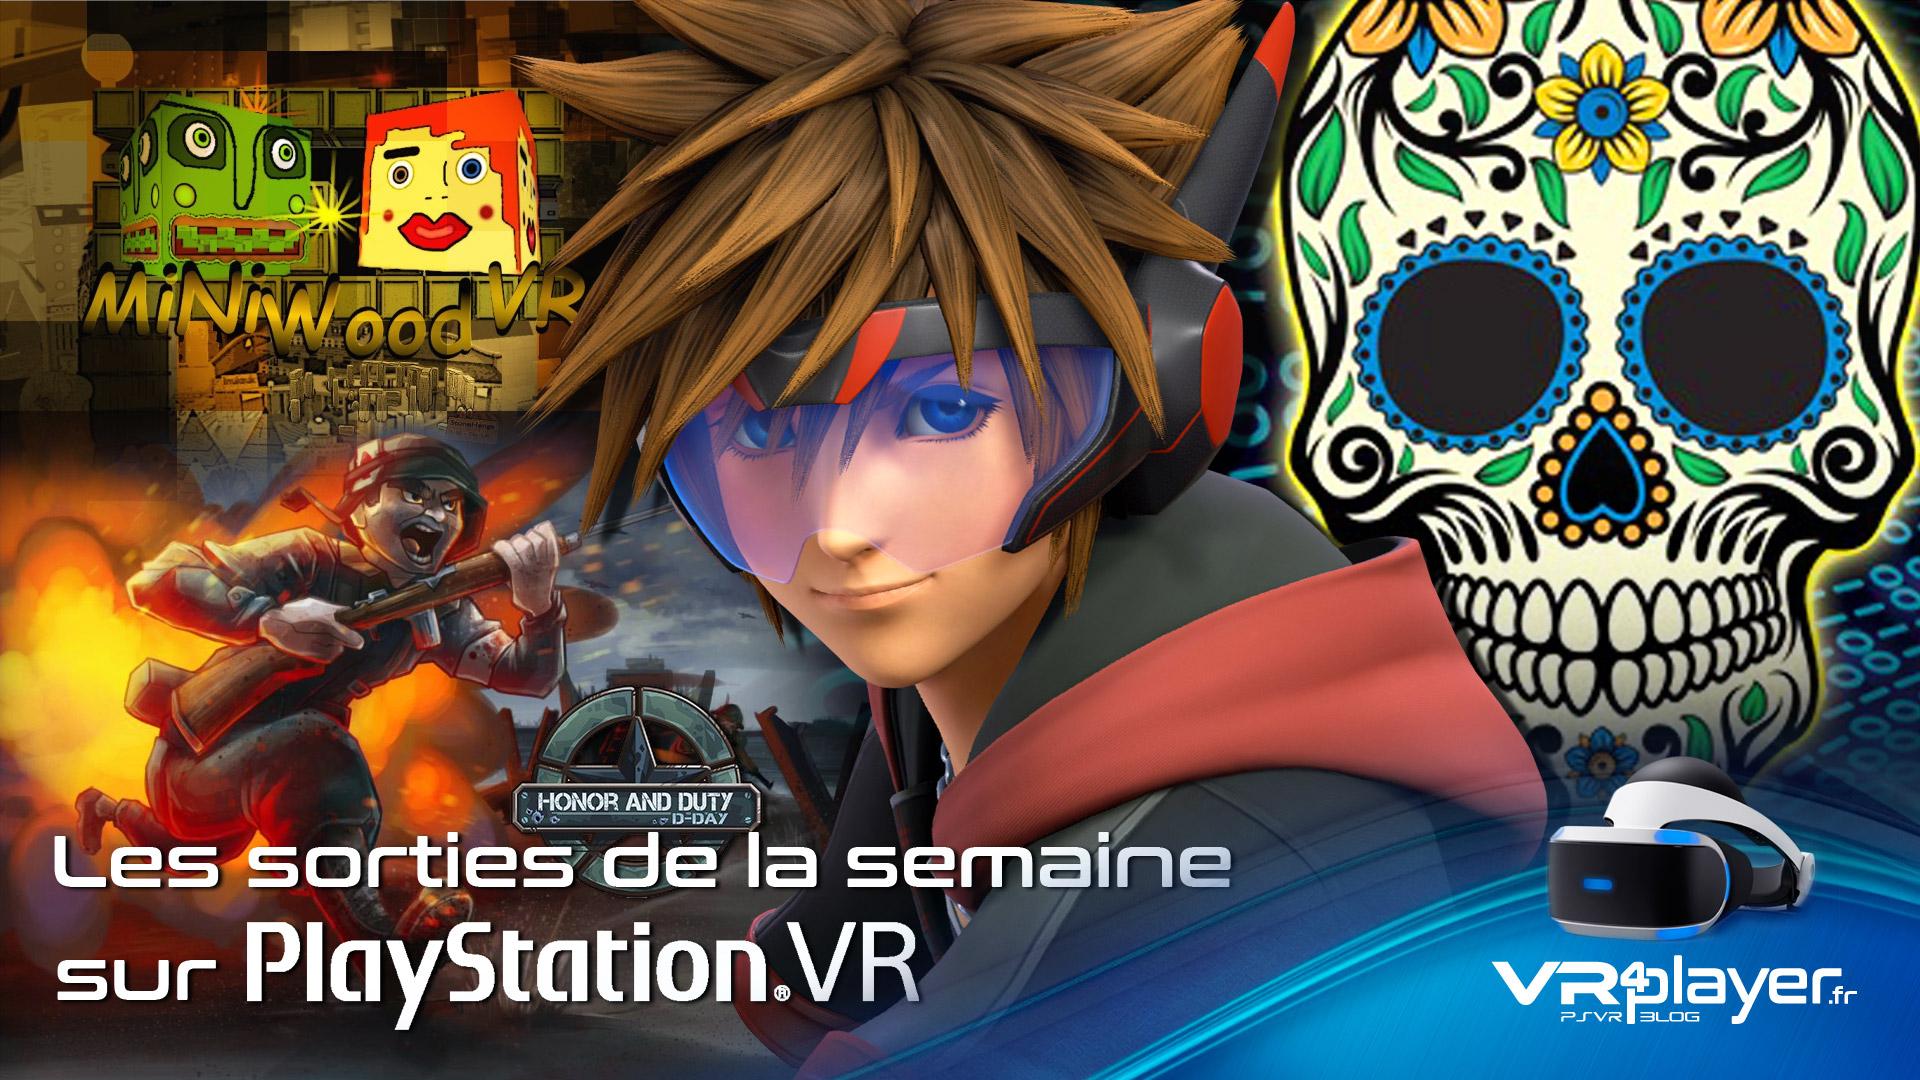 les sorties PSVR de la semaine - vr4player.fr